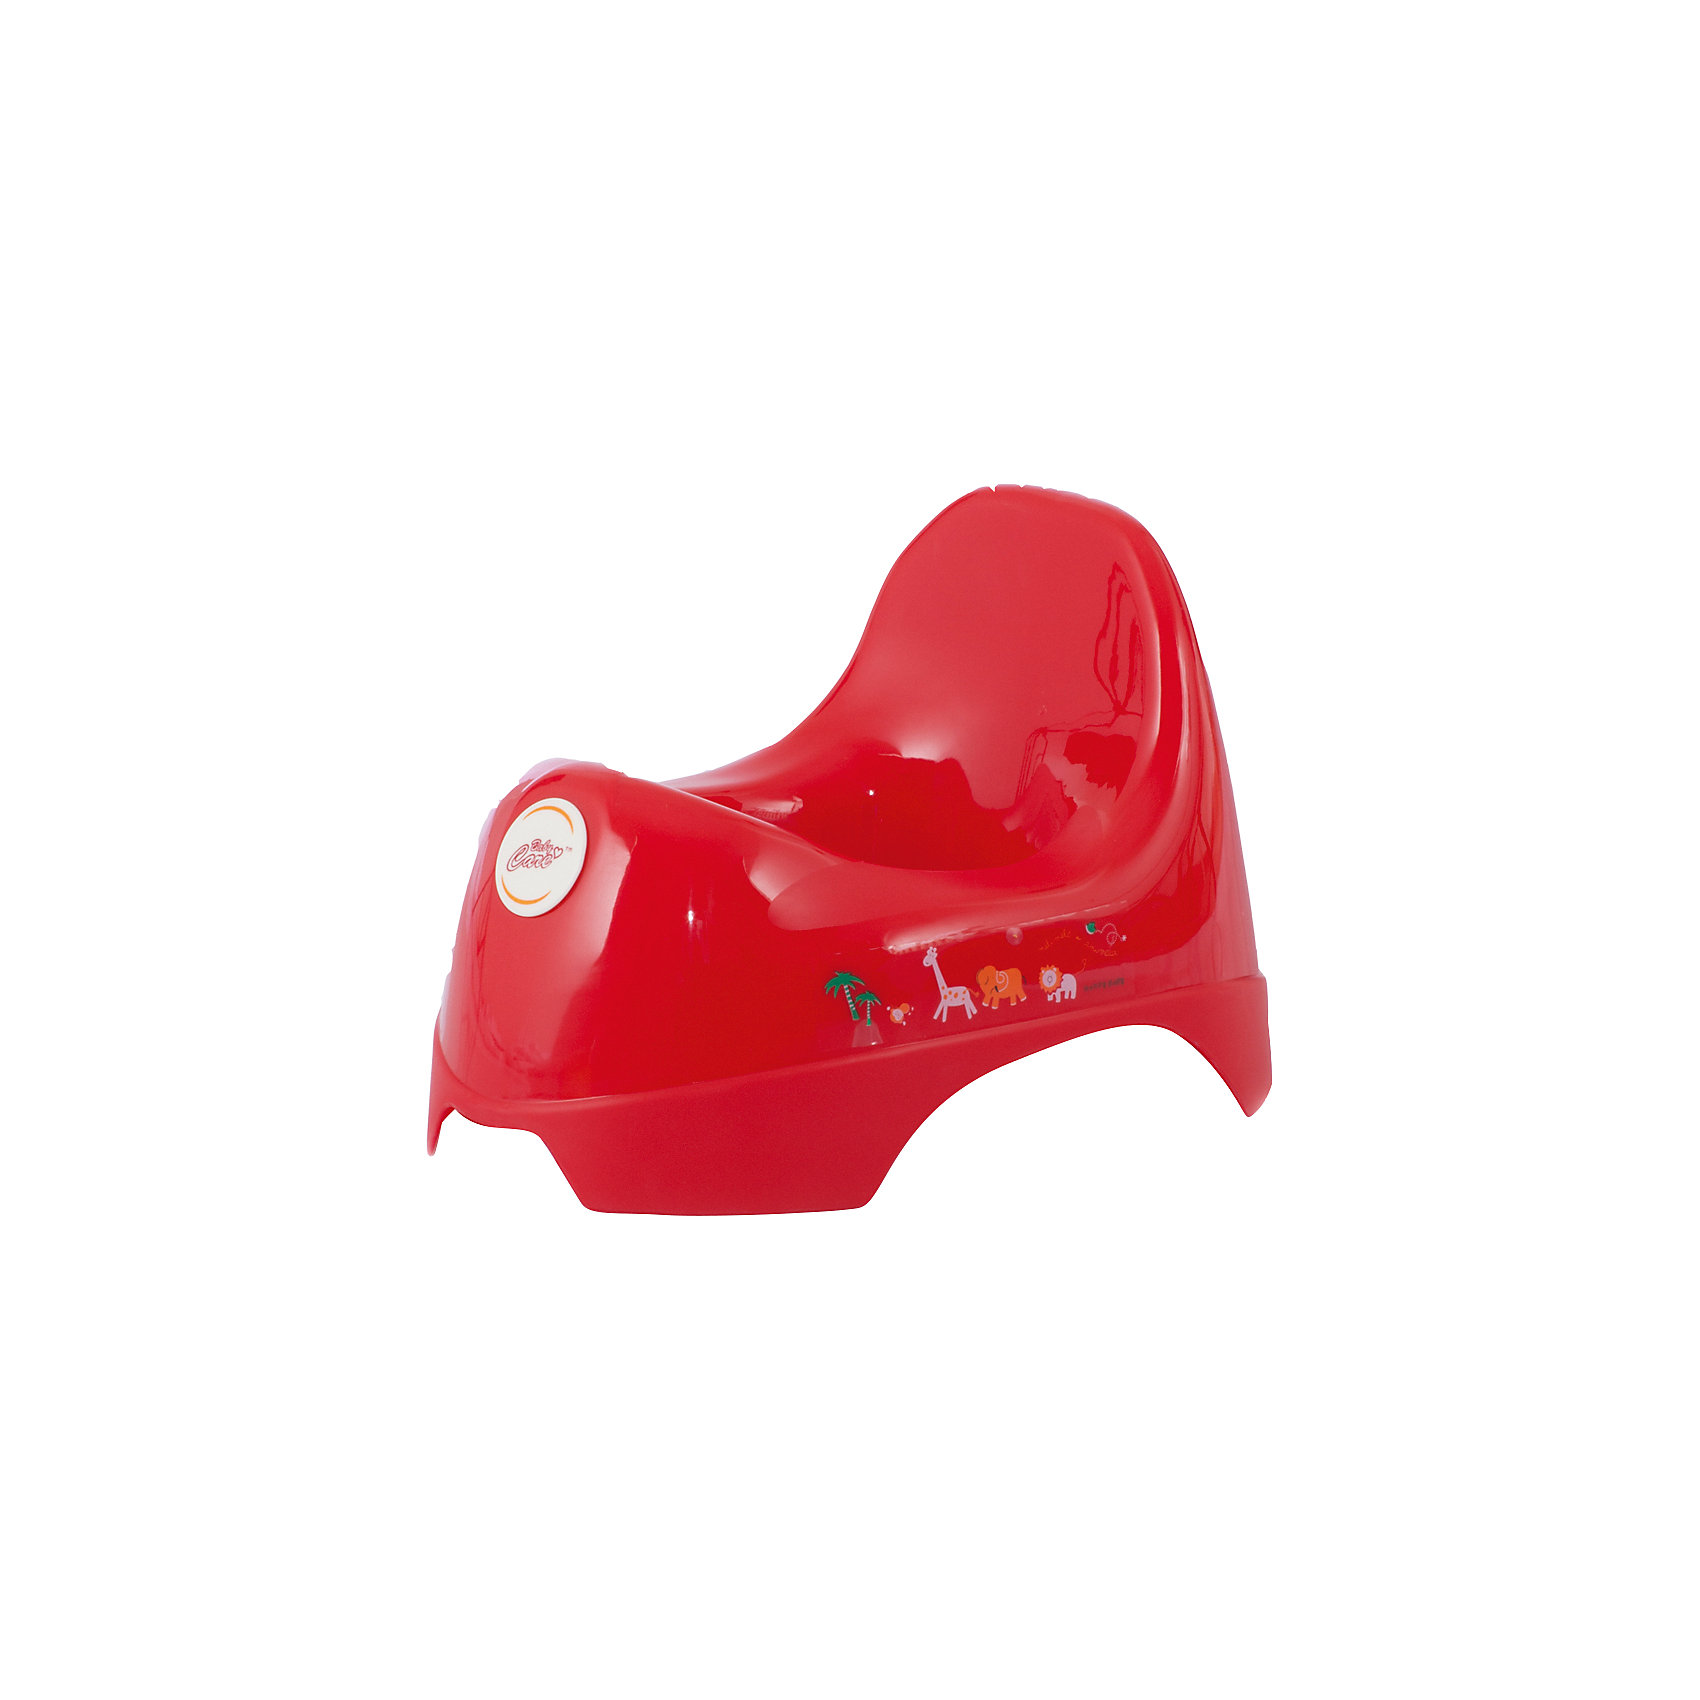 Горшок анатомический  JBB-A, Baby Care, красный